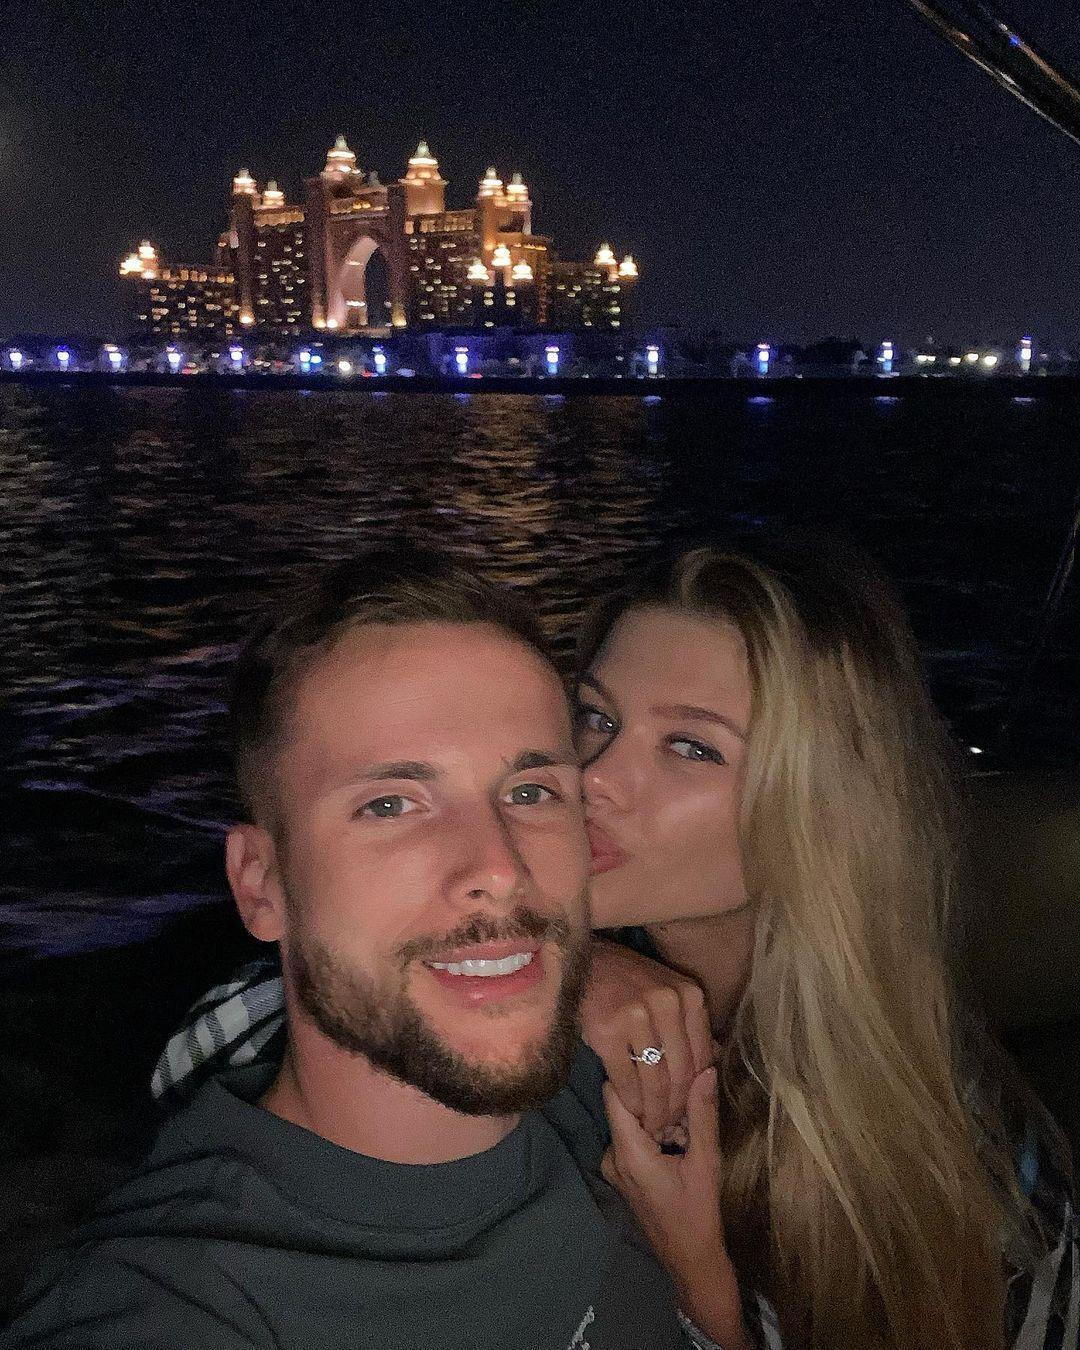 Томаш Кендзера и Виктория Стецык познакомились в Instagram